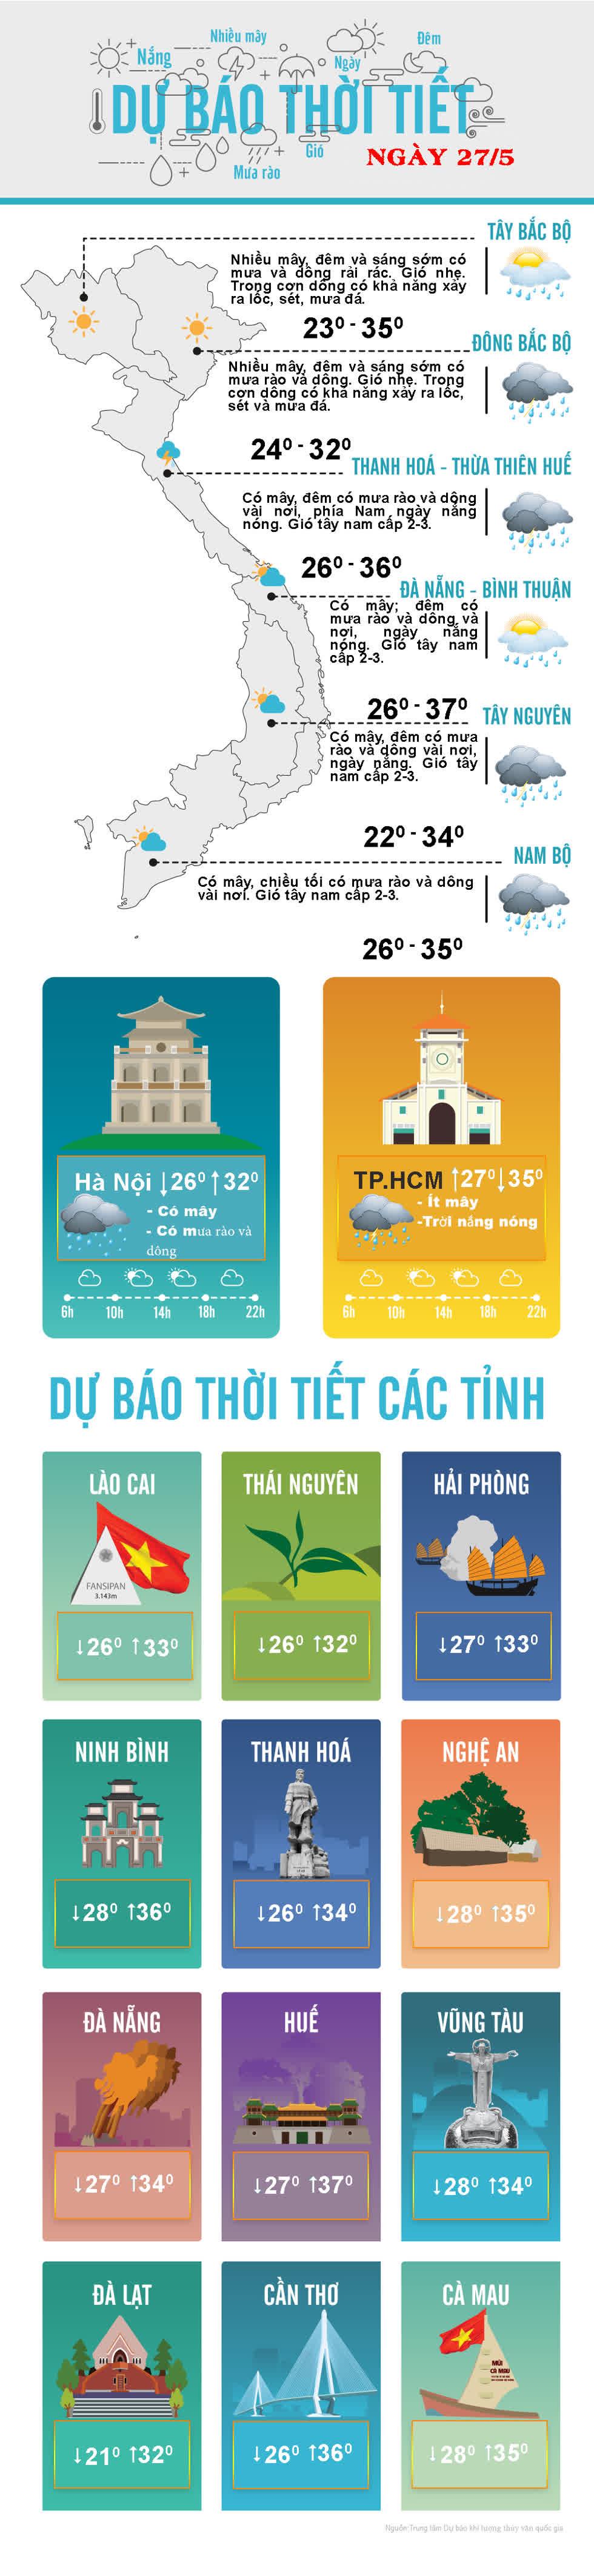 Thời tiết ngày 27/5: Đà Nẵng đến Bình Thuận tiếp tục nắng nóng